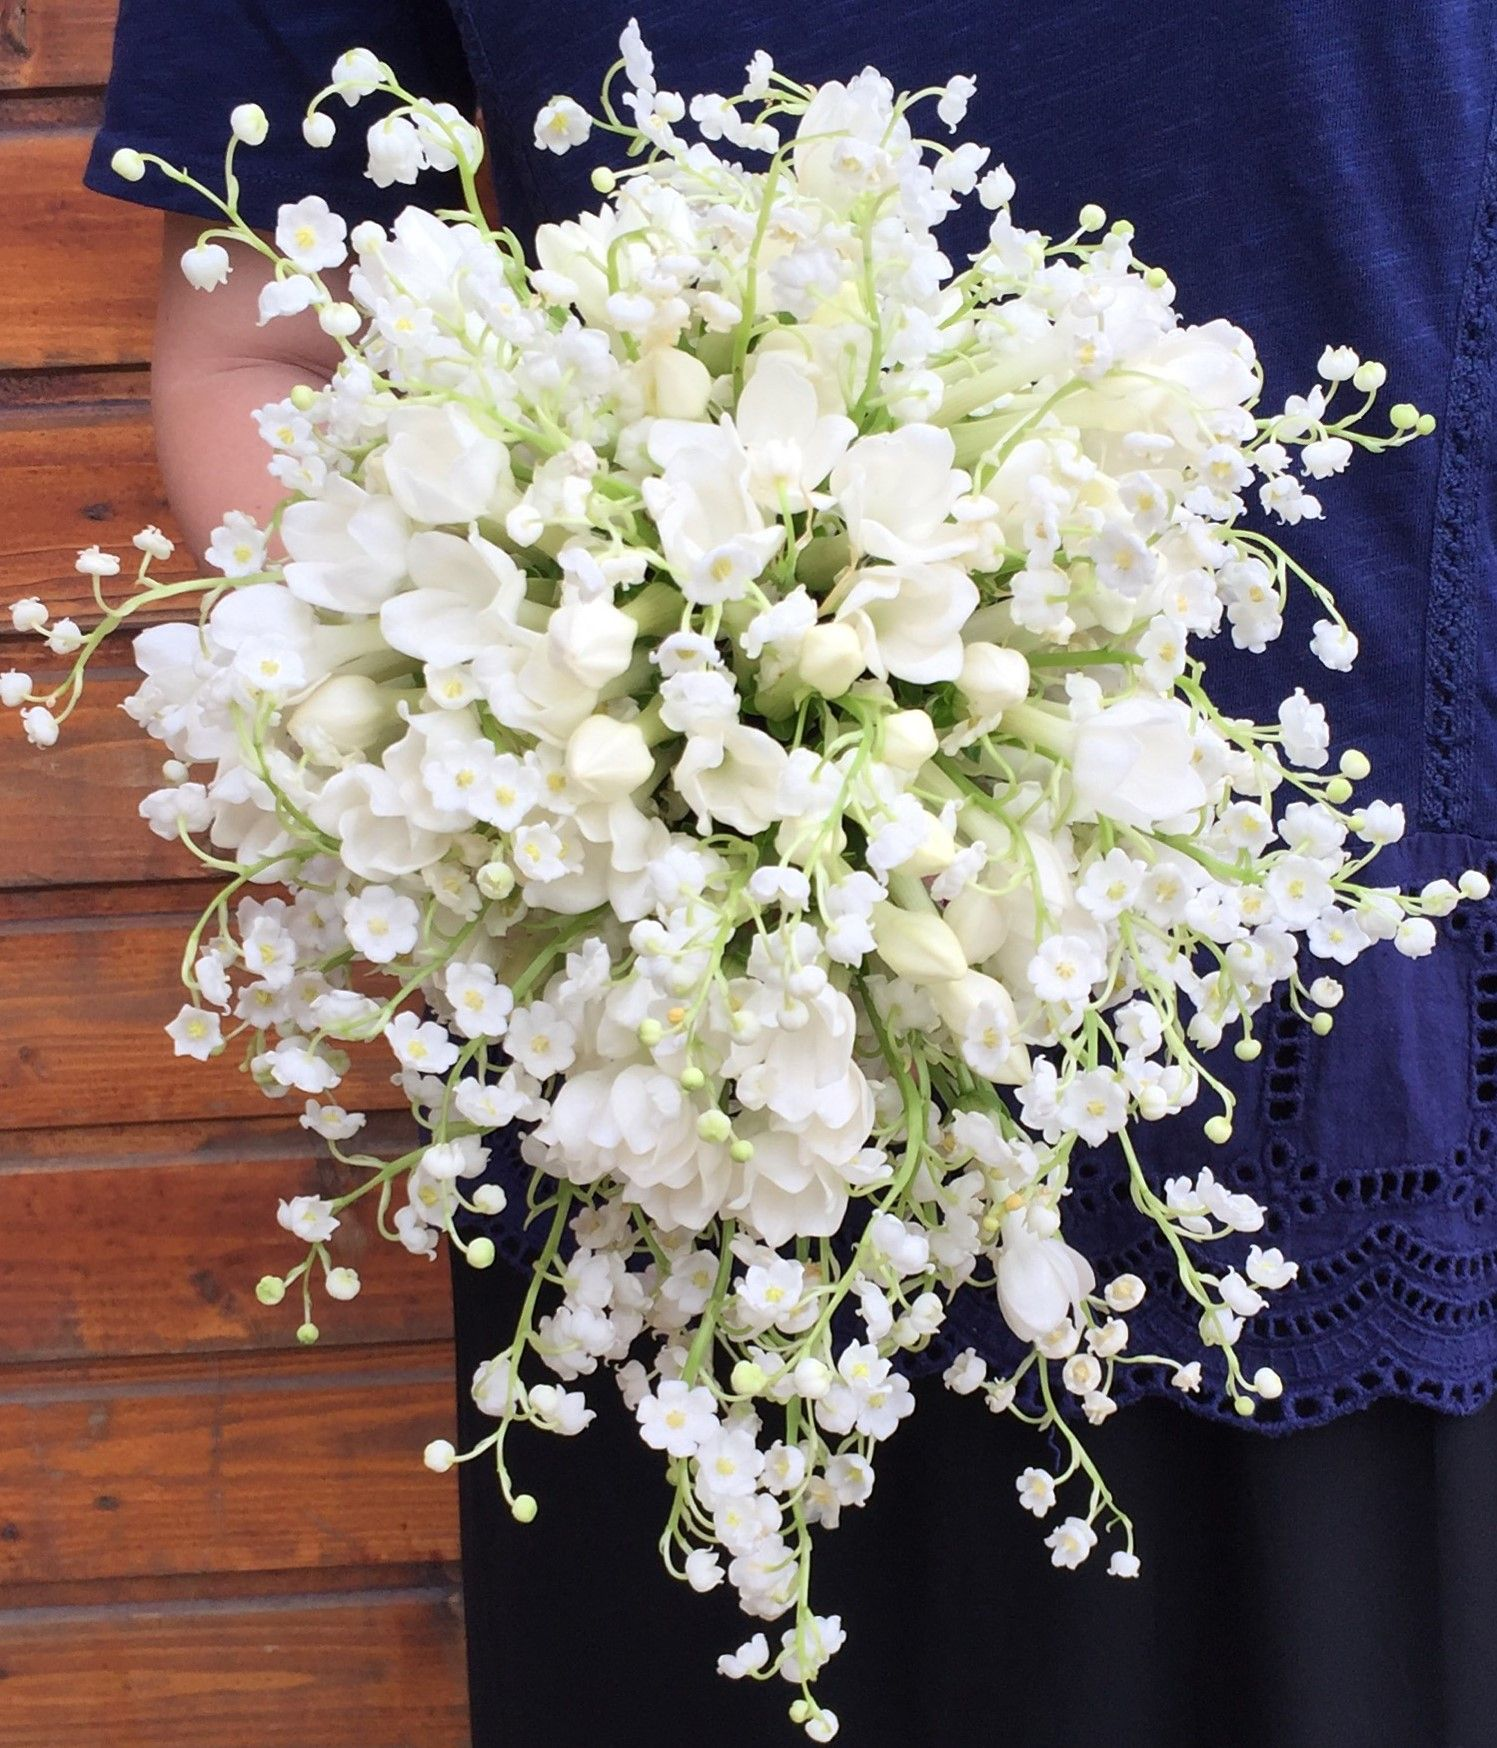 Buchet De Mireasa Cu Lacramioare Lily Of The Valley Wedding Bouquet